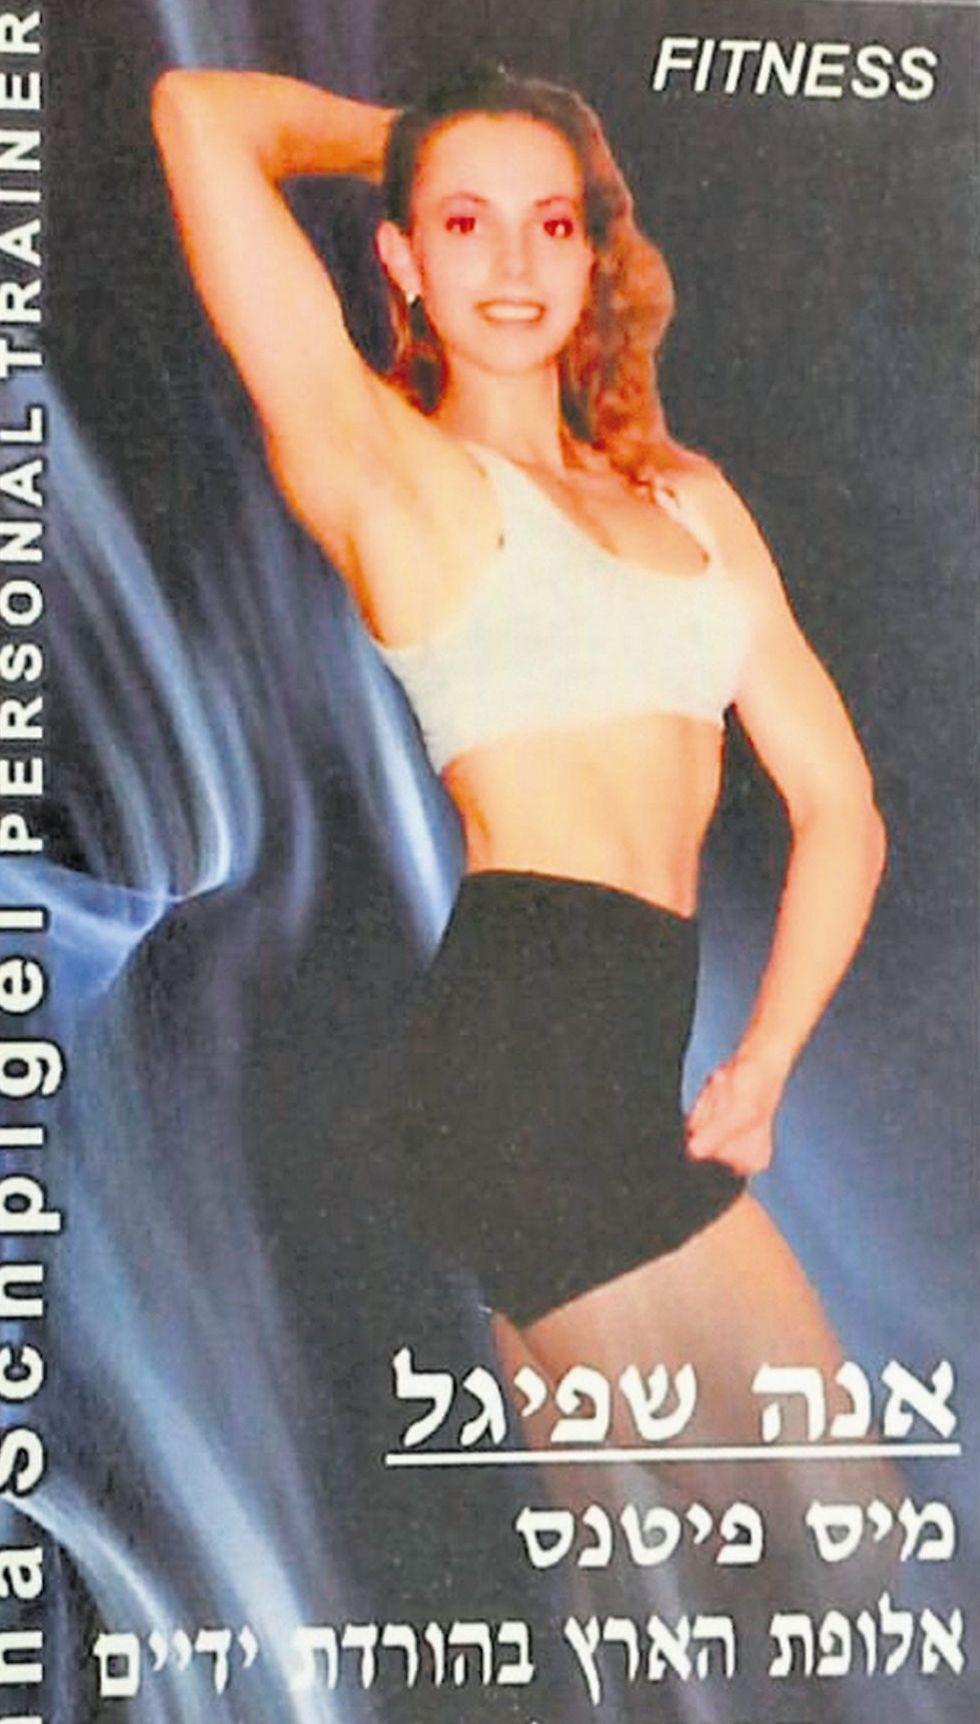 אנה שפיגל כמיס פיטנס לפני שחלתה (צילום: אלבום פרטי)